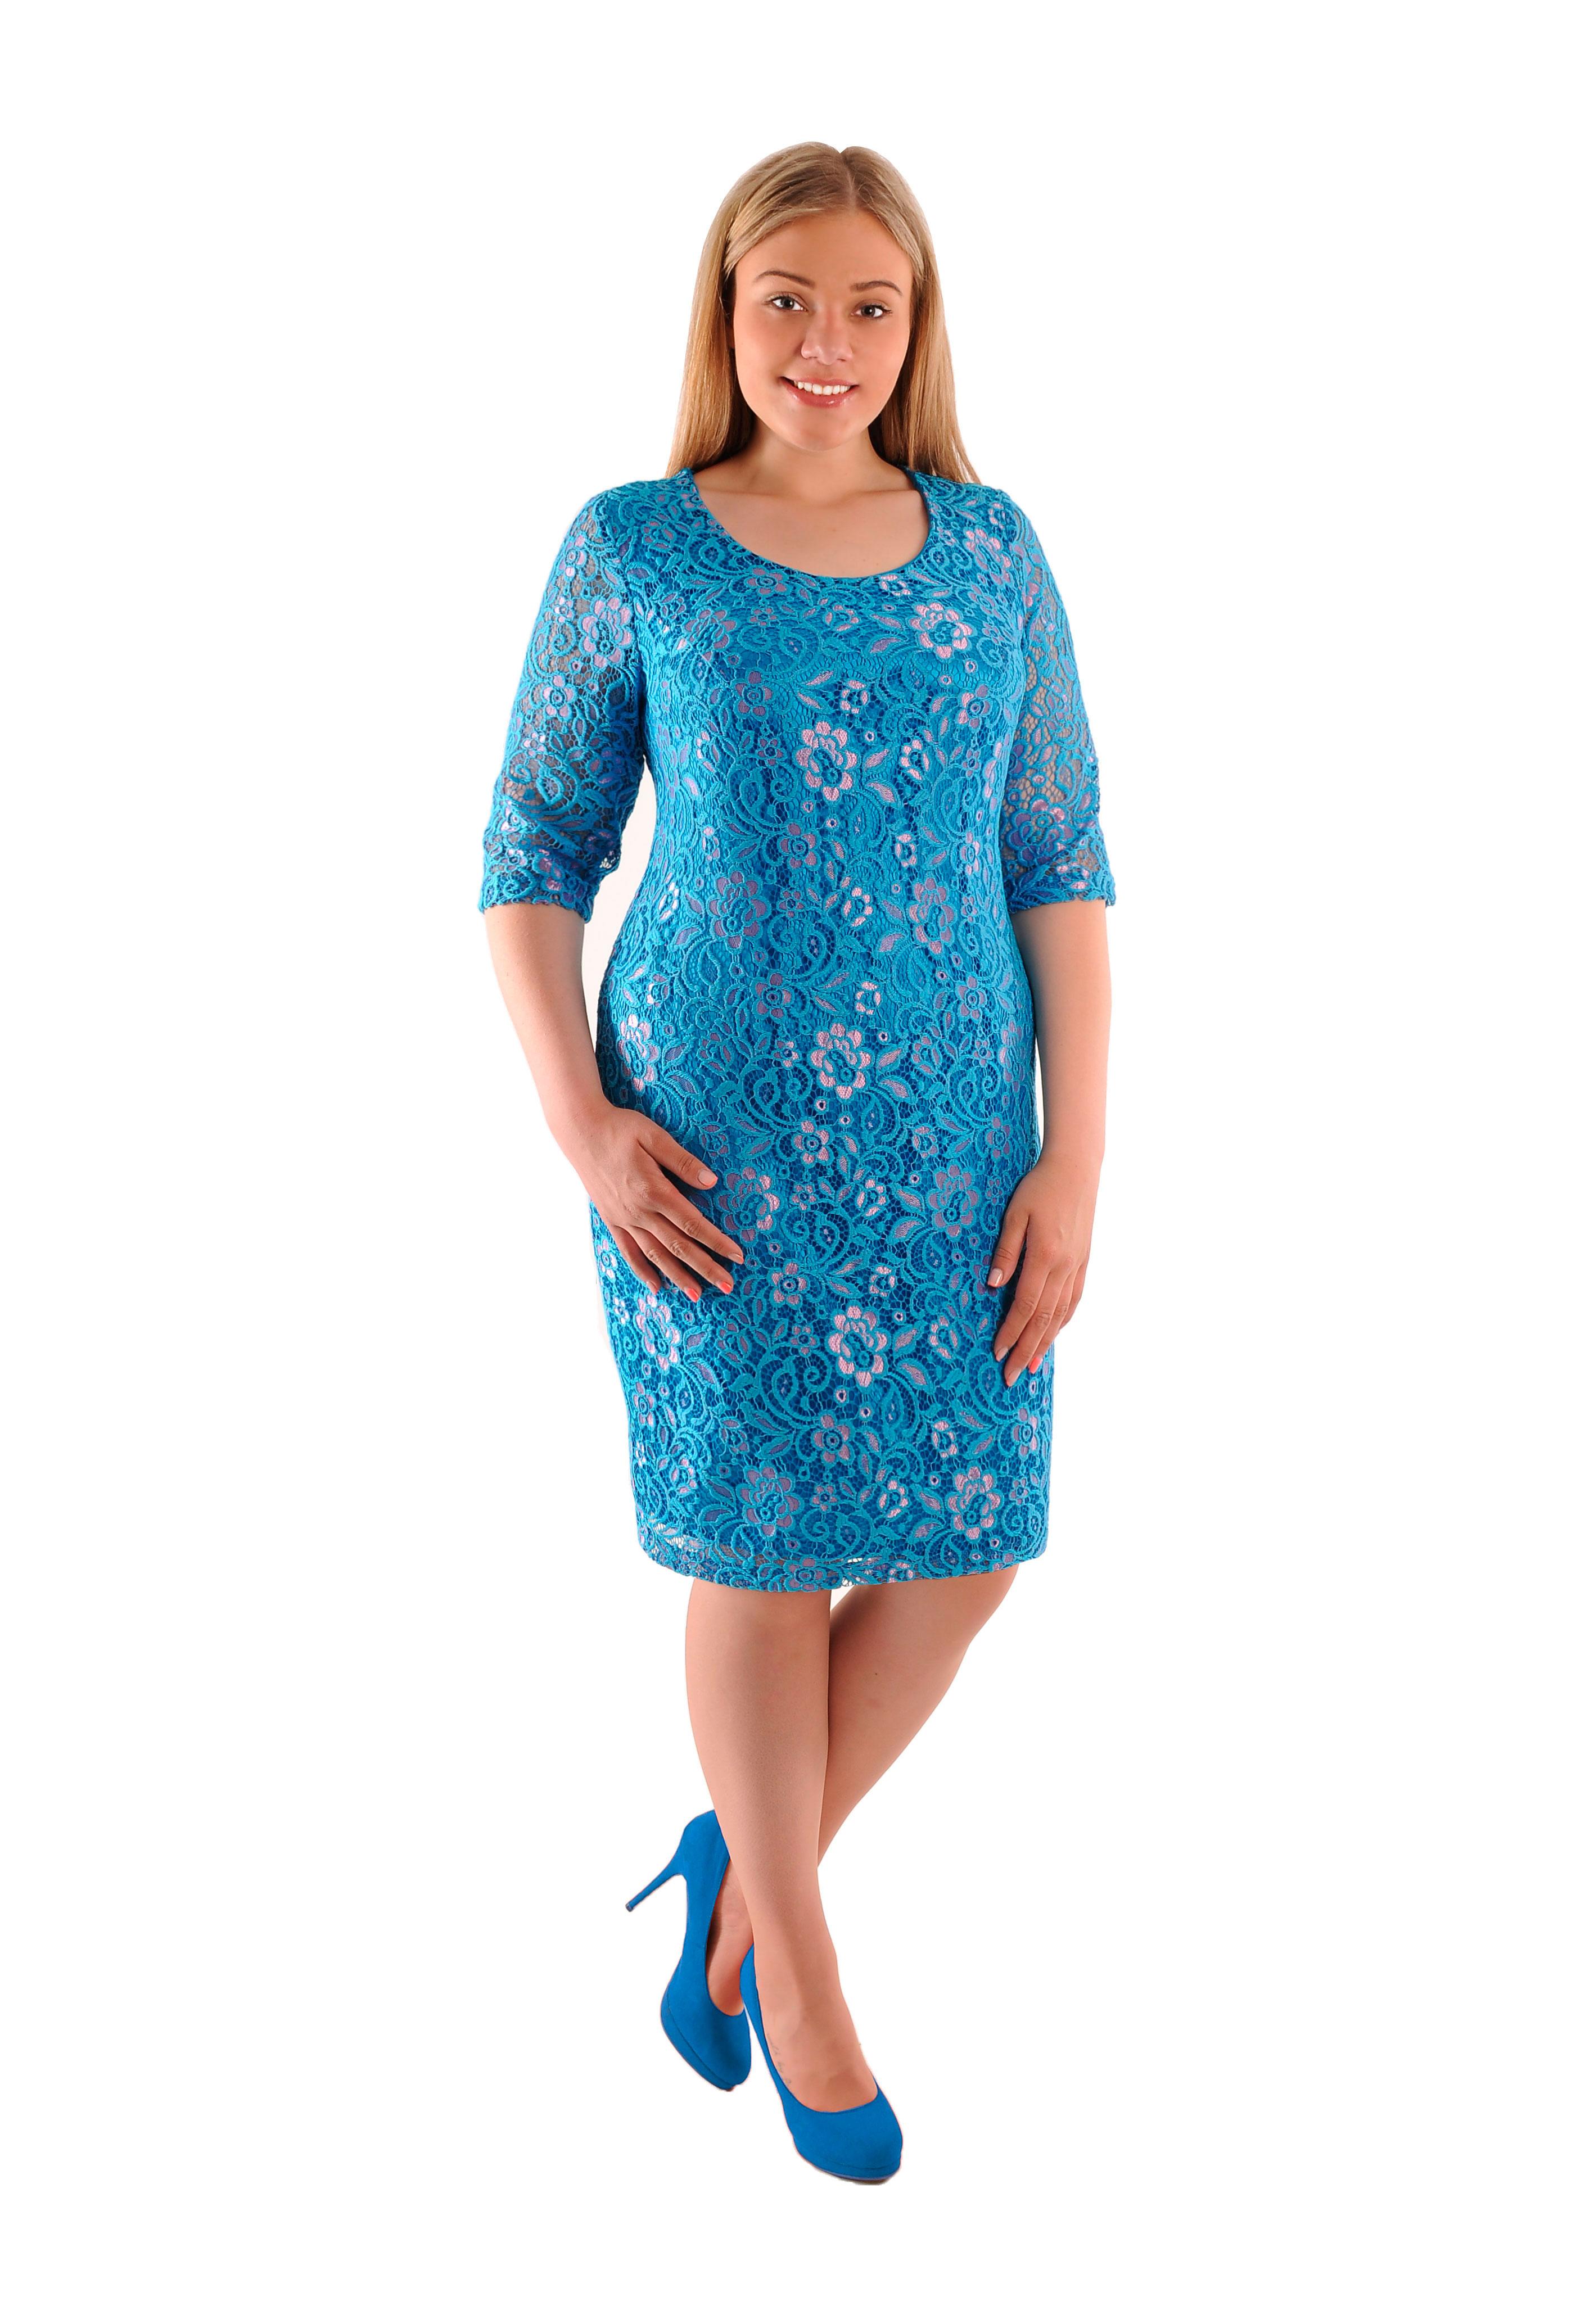 Модный материал для платья 2017